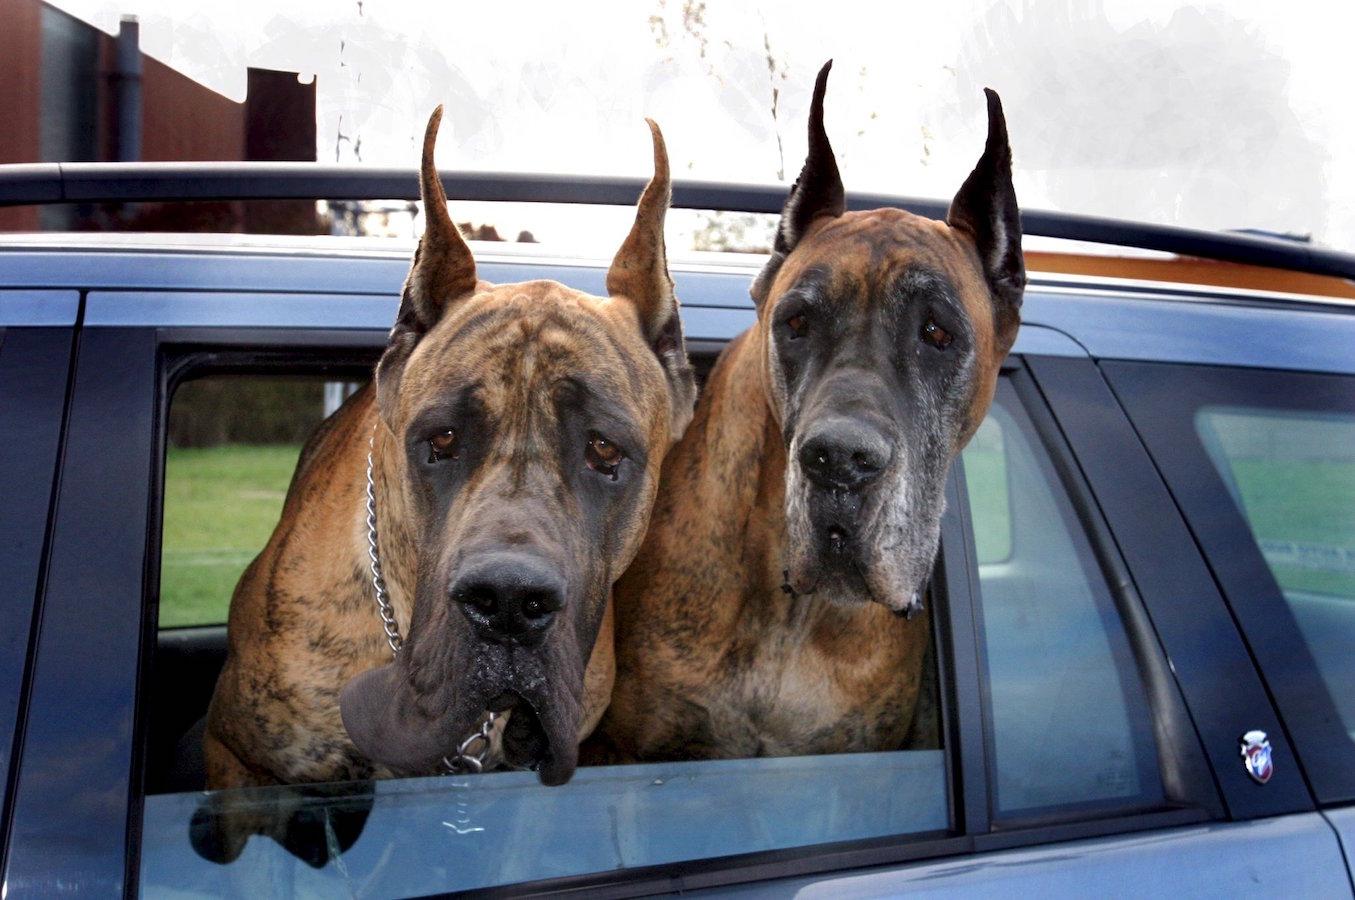 ©PHOTOPQR/LE REPUBLICAIN LORRAIN/BROCARD Pascal ; Dogues allemands dans une automobile